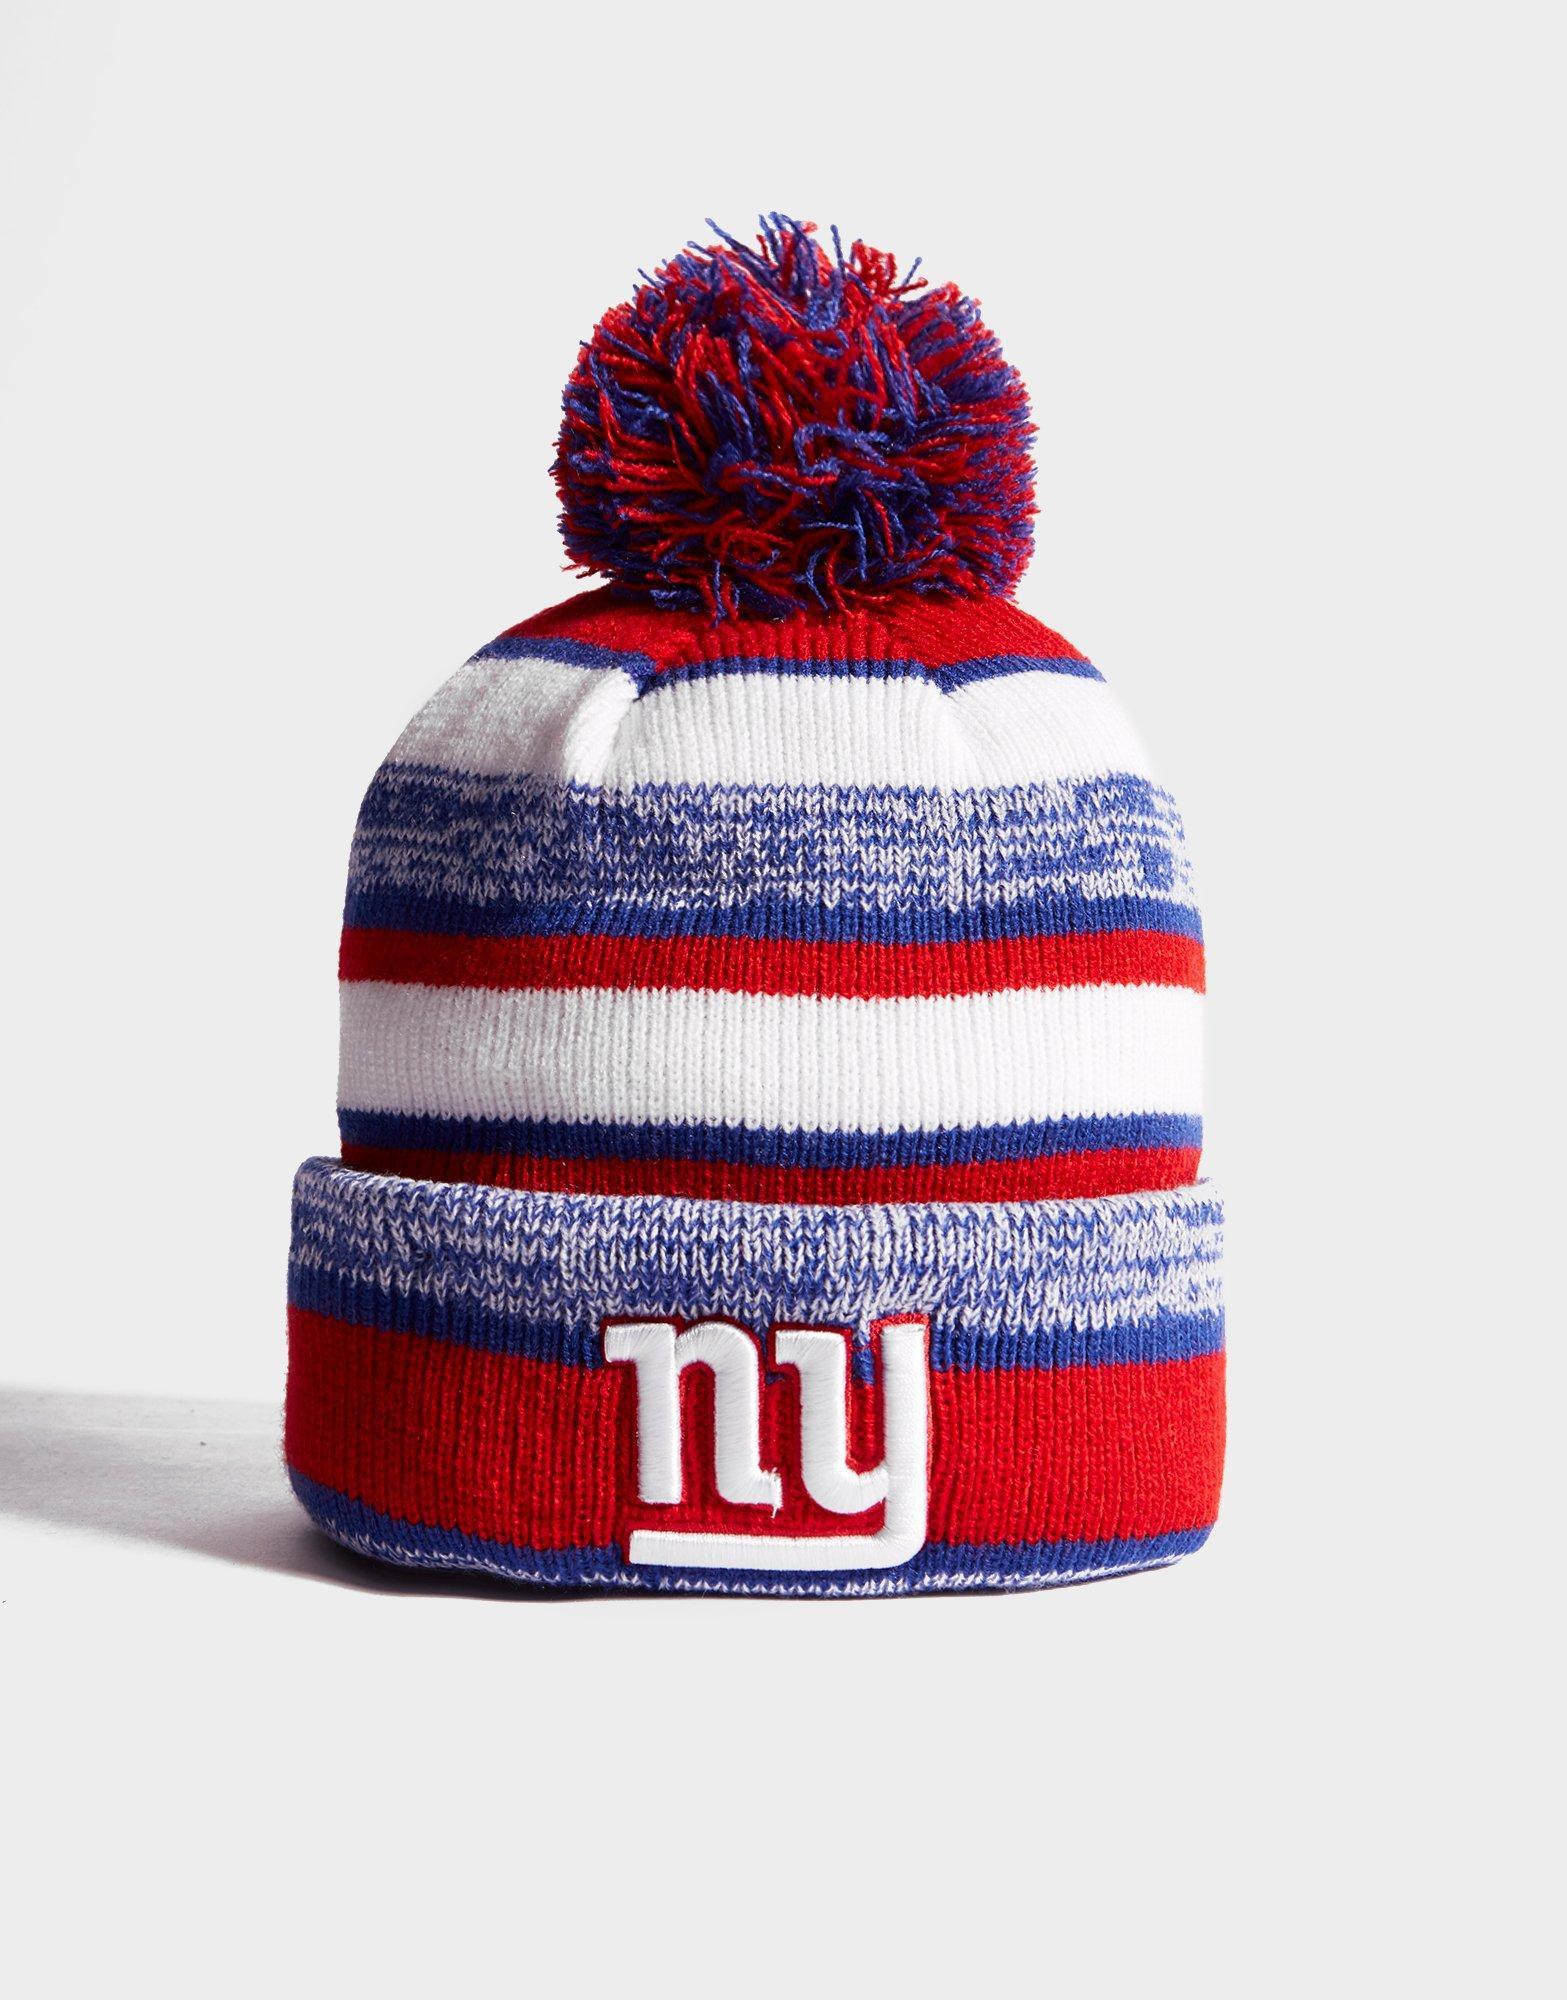 Lyst - Ktz Nfl New York Giants Pom Beanie in Red for Men 9ab84d84c